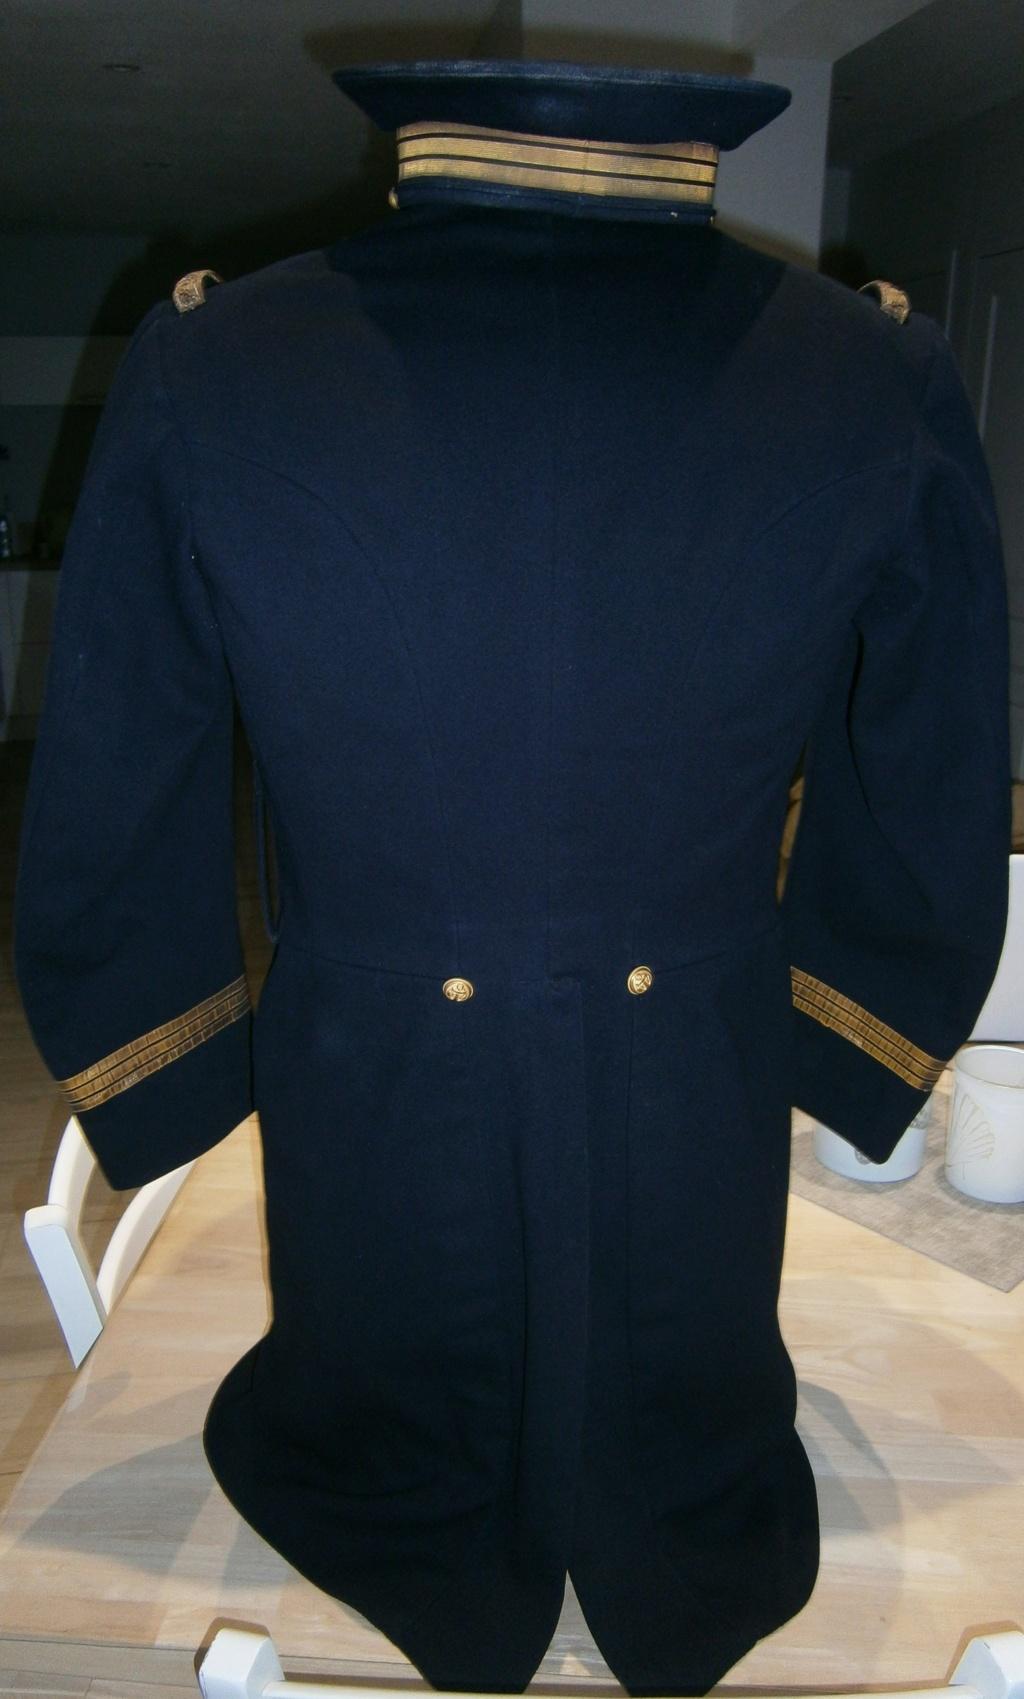 demande de renseignements concernant une rentrée d'uniforme de la marine Pc120011